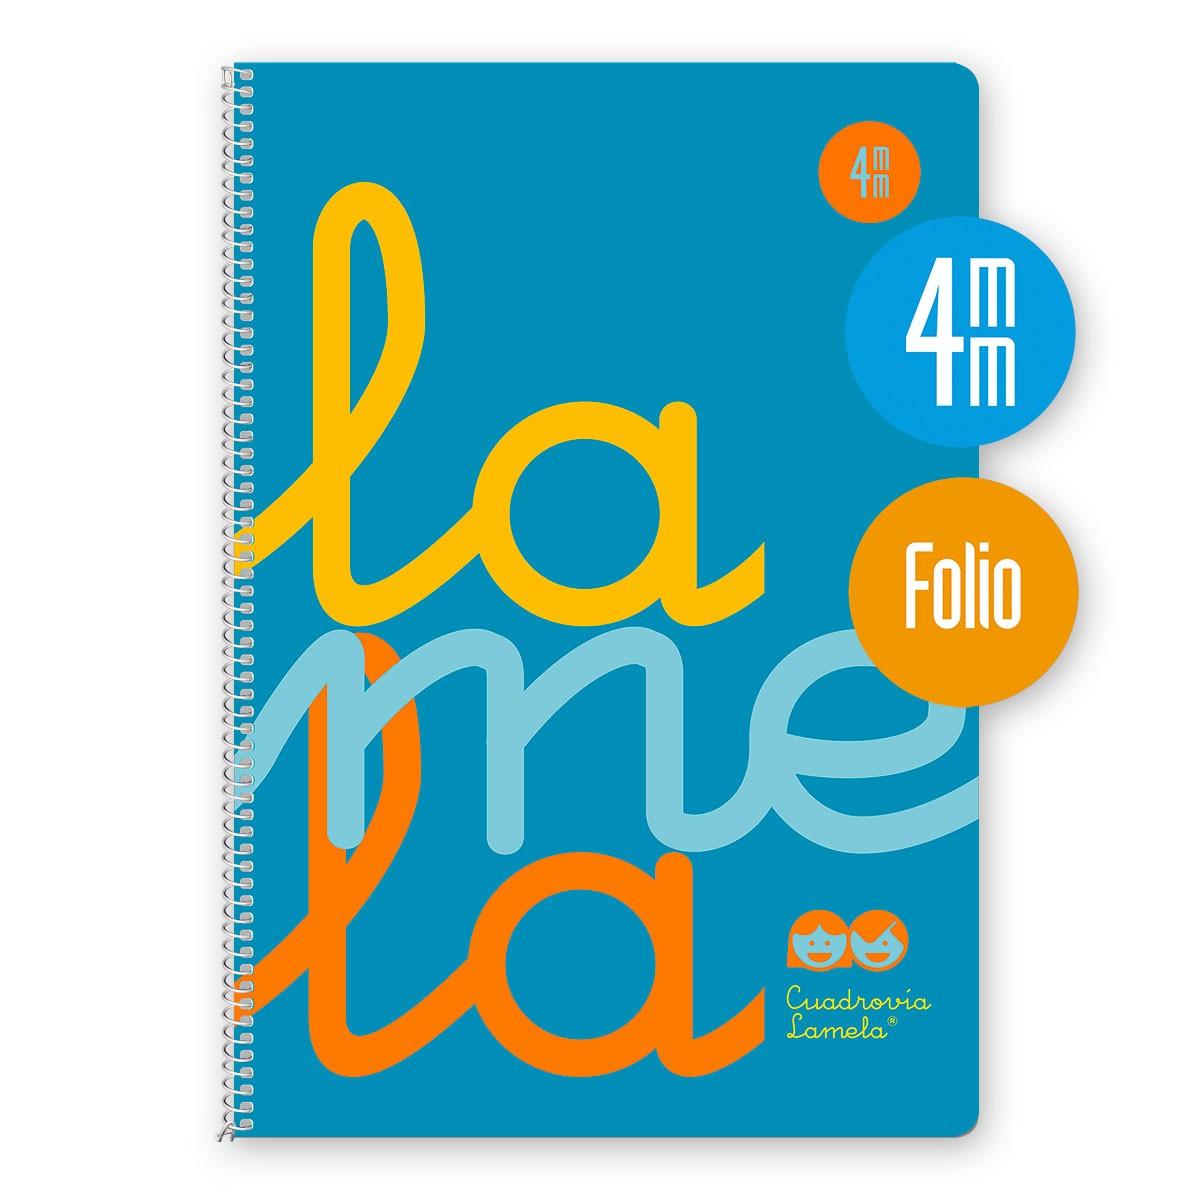 Cuaderno Espiral Folio 80 Hojas, 90 Grs. Cubierta Polipropileno Fluor. AZUL    . Cuadrovía 4mm.